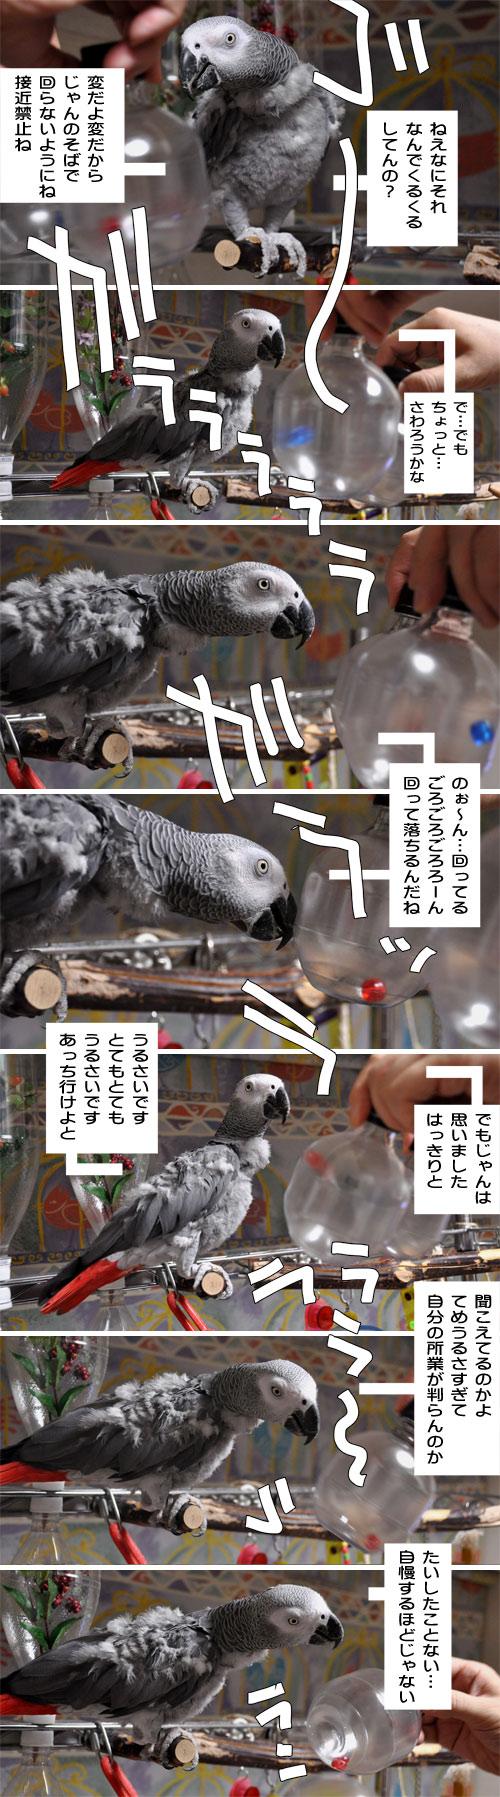 ノンフィクション劇場-No.92